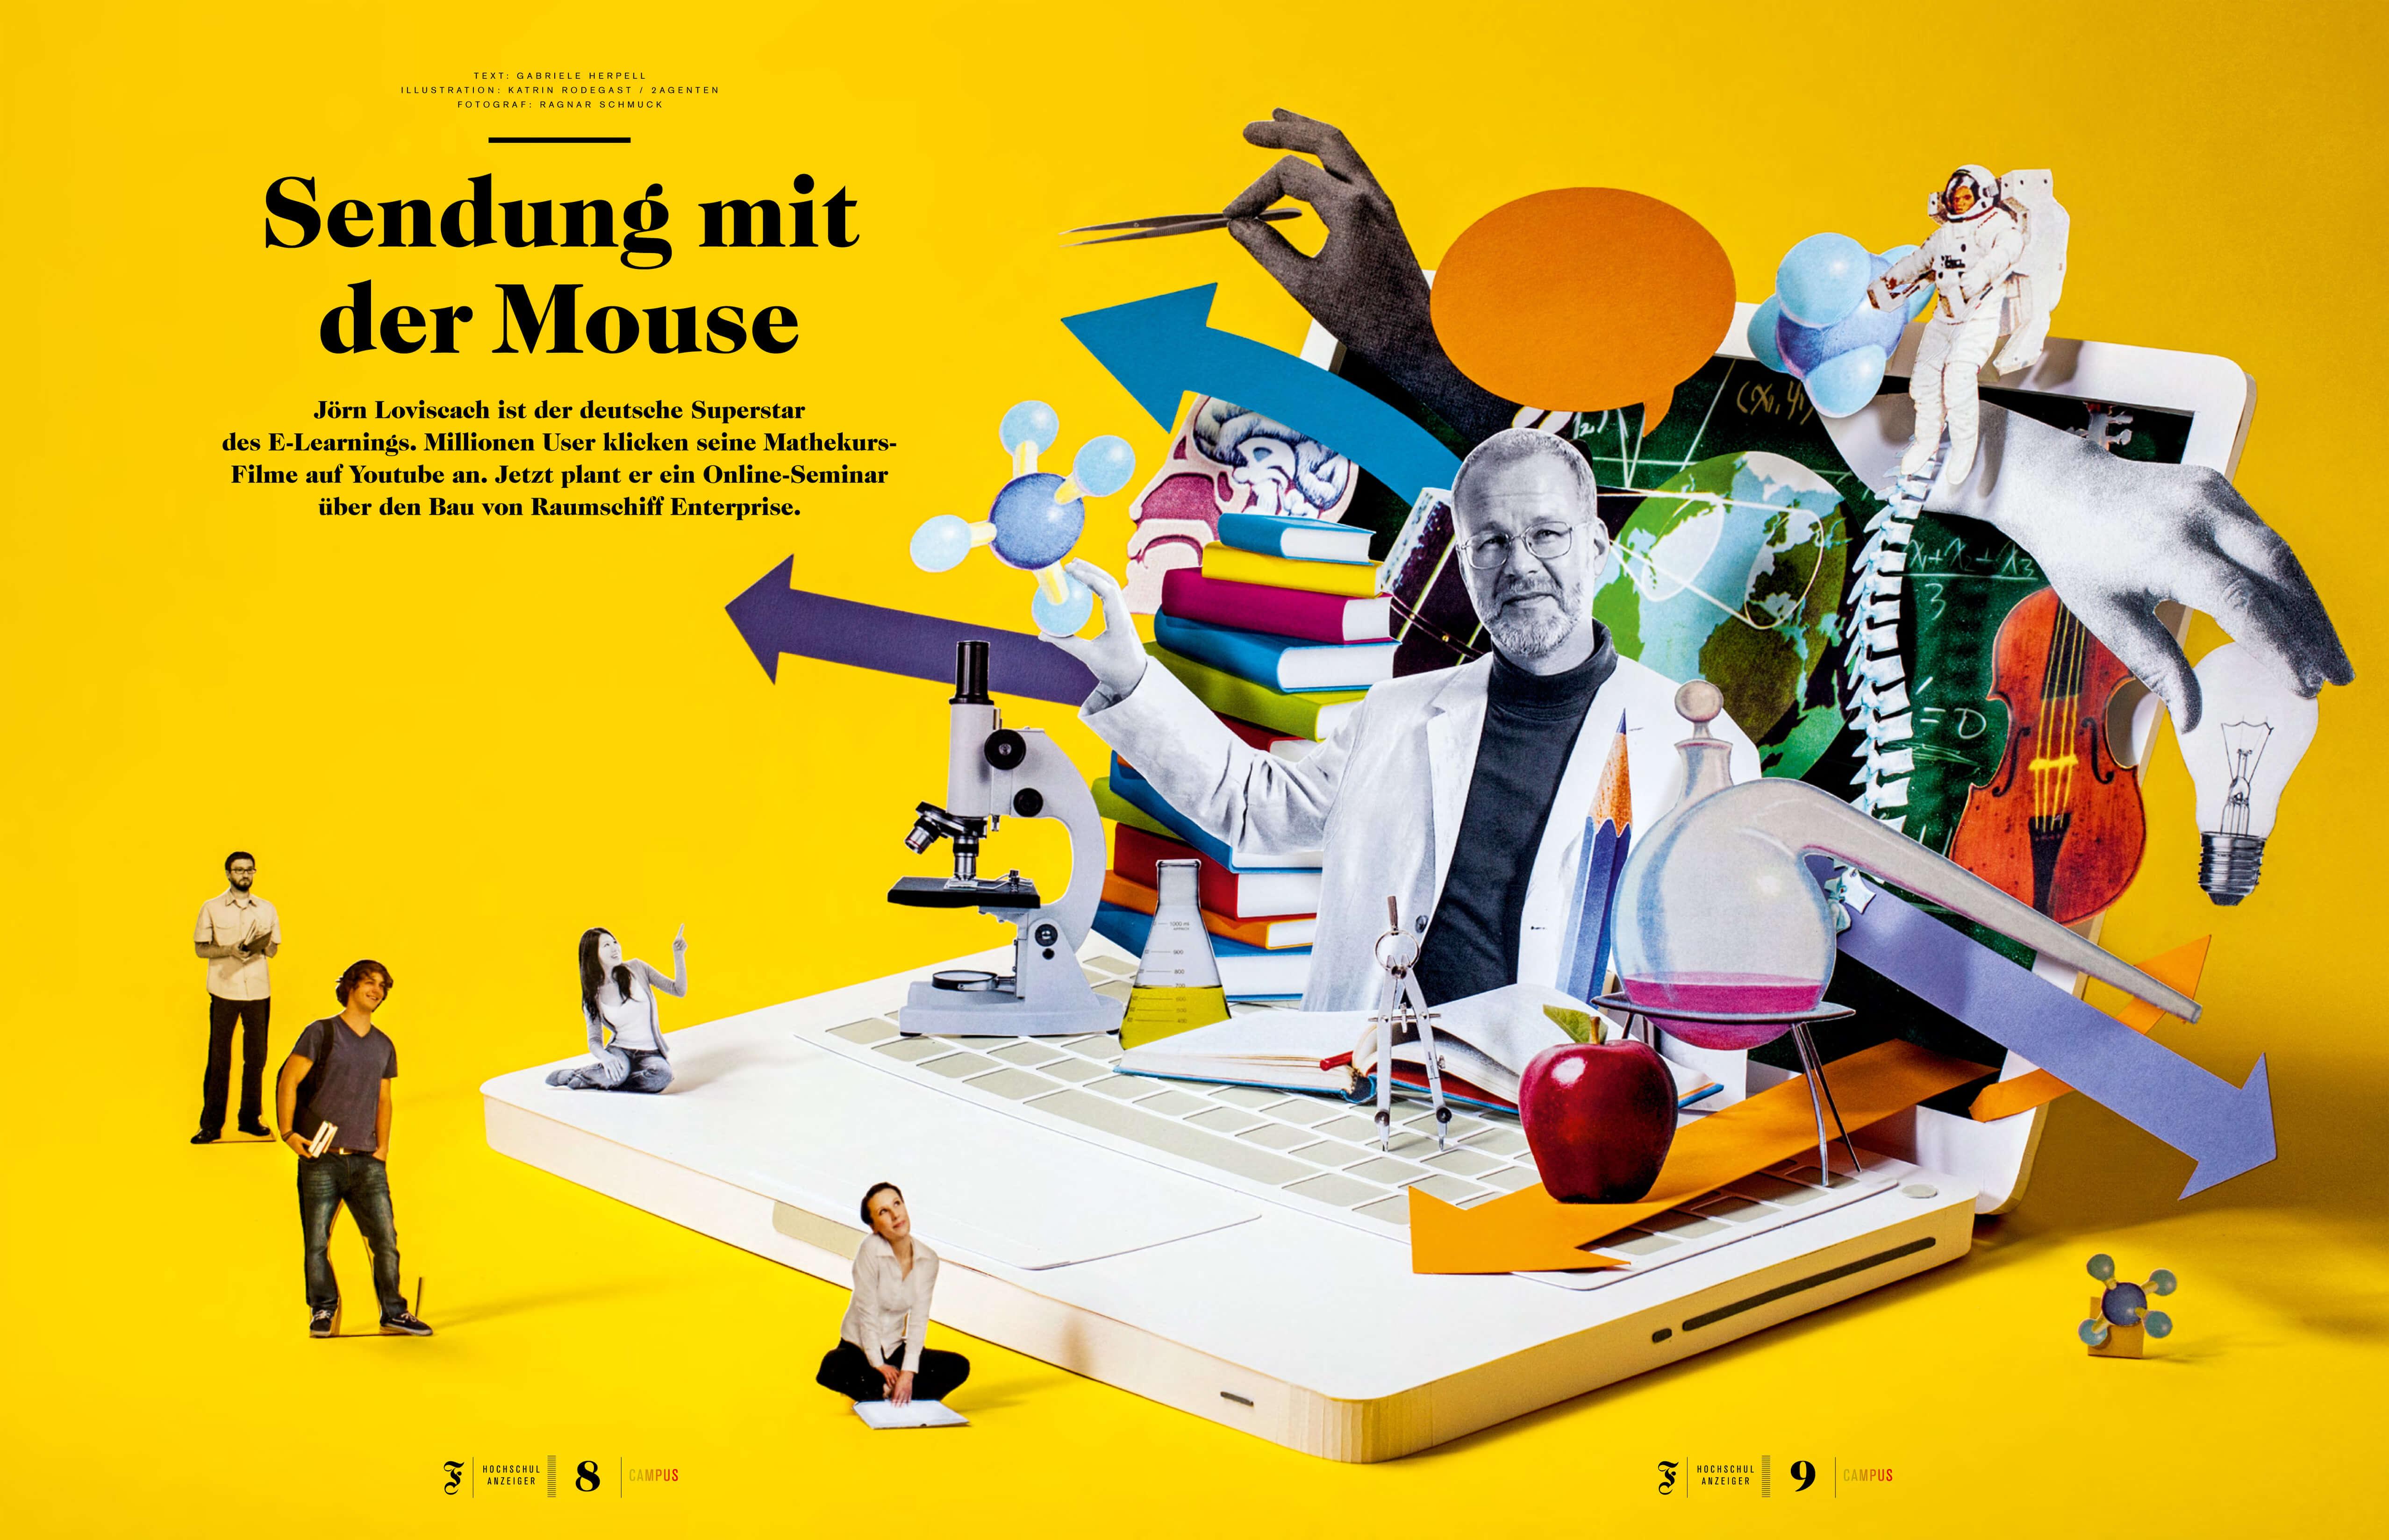 popupcollage_paperart_katrinrodegast_webt